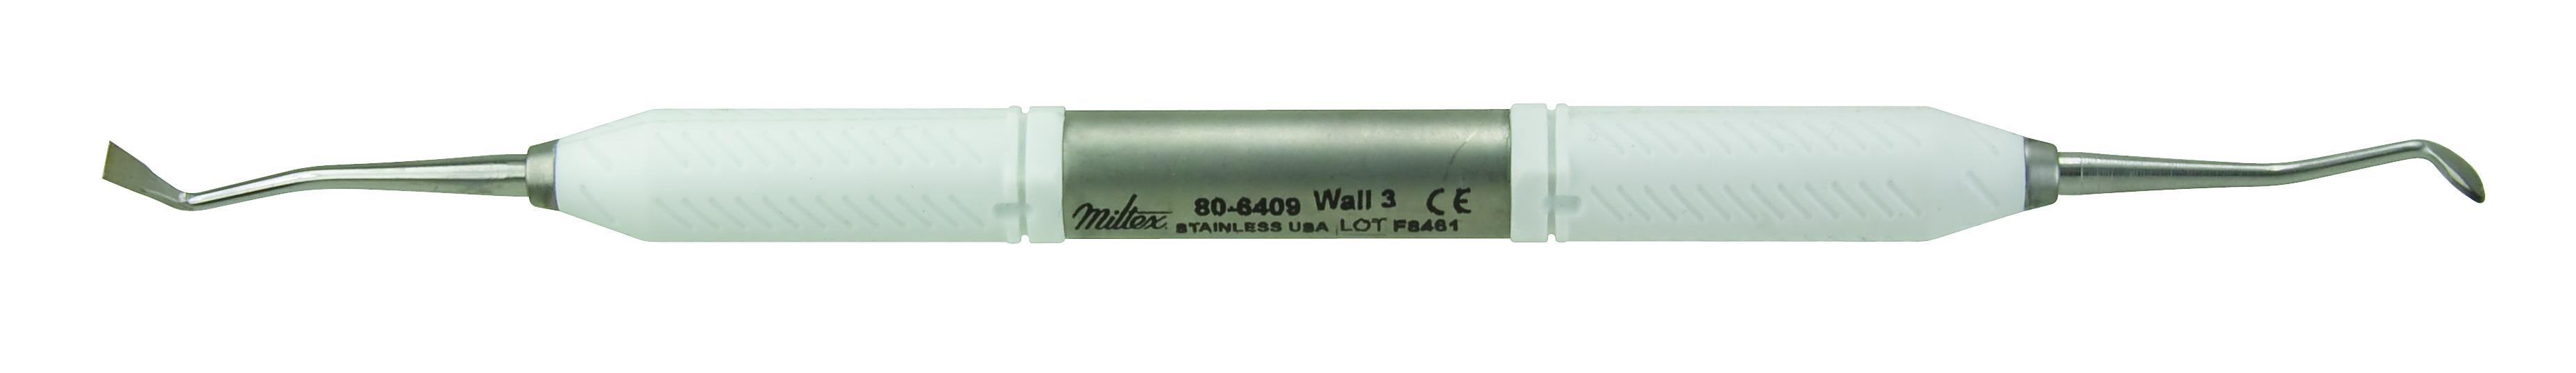 carver-wall-dbl-end-3-80-6409-miltex.jpg